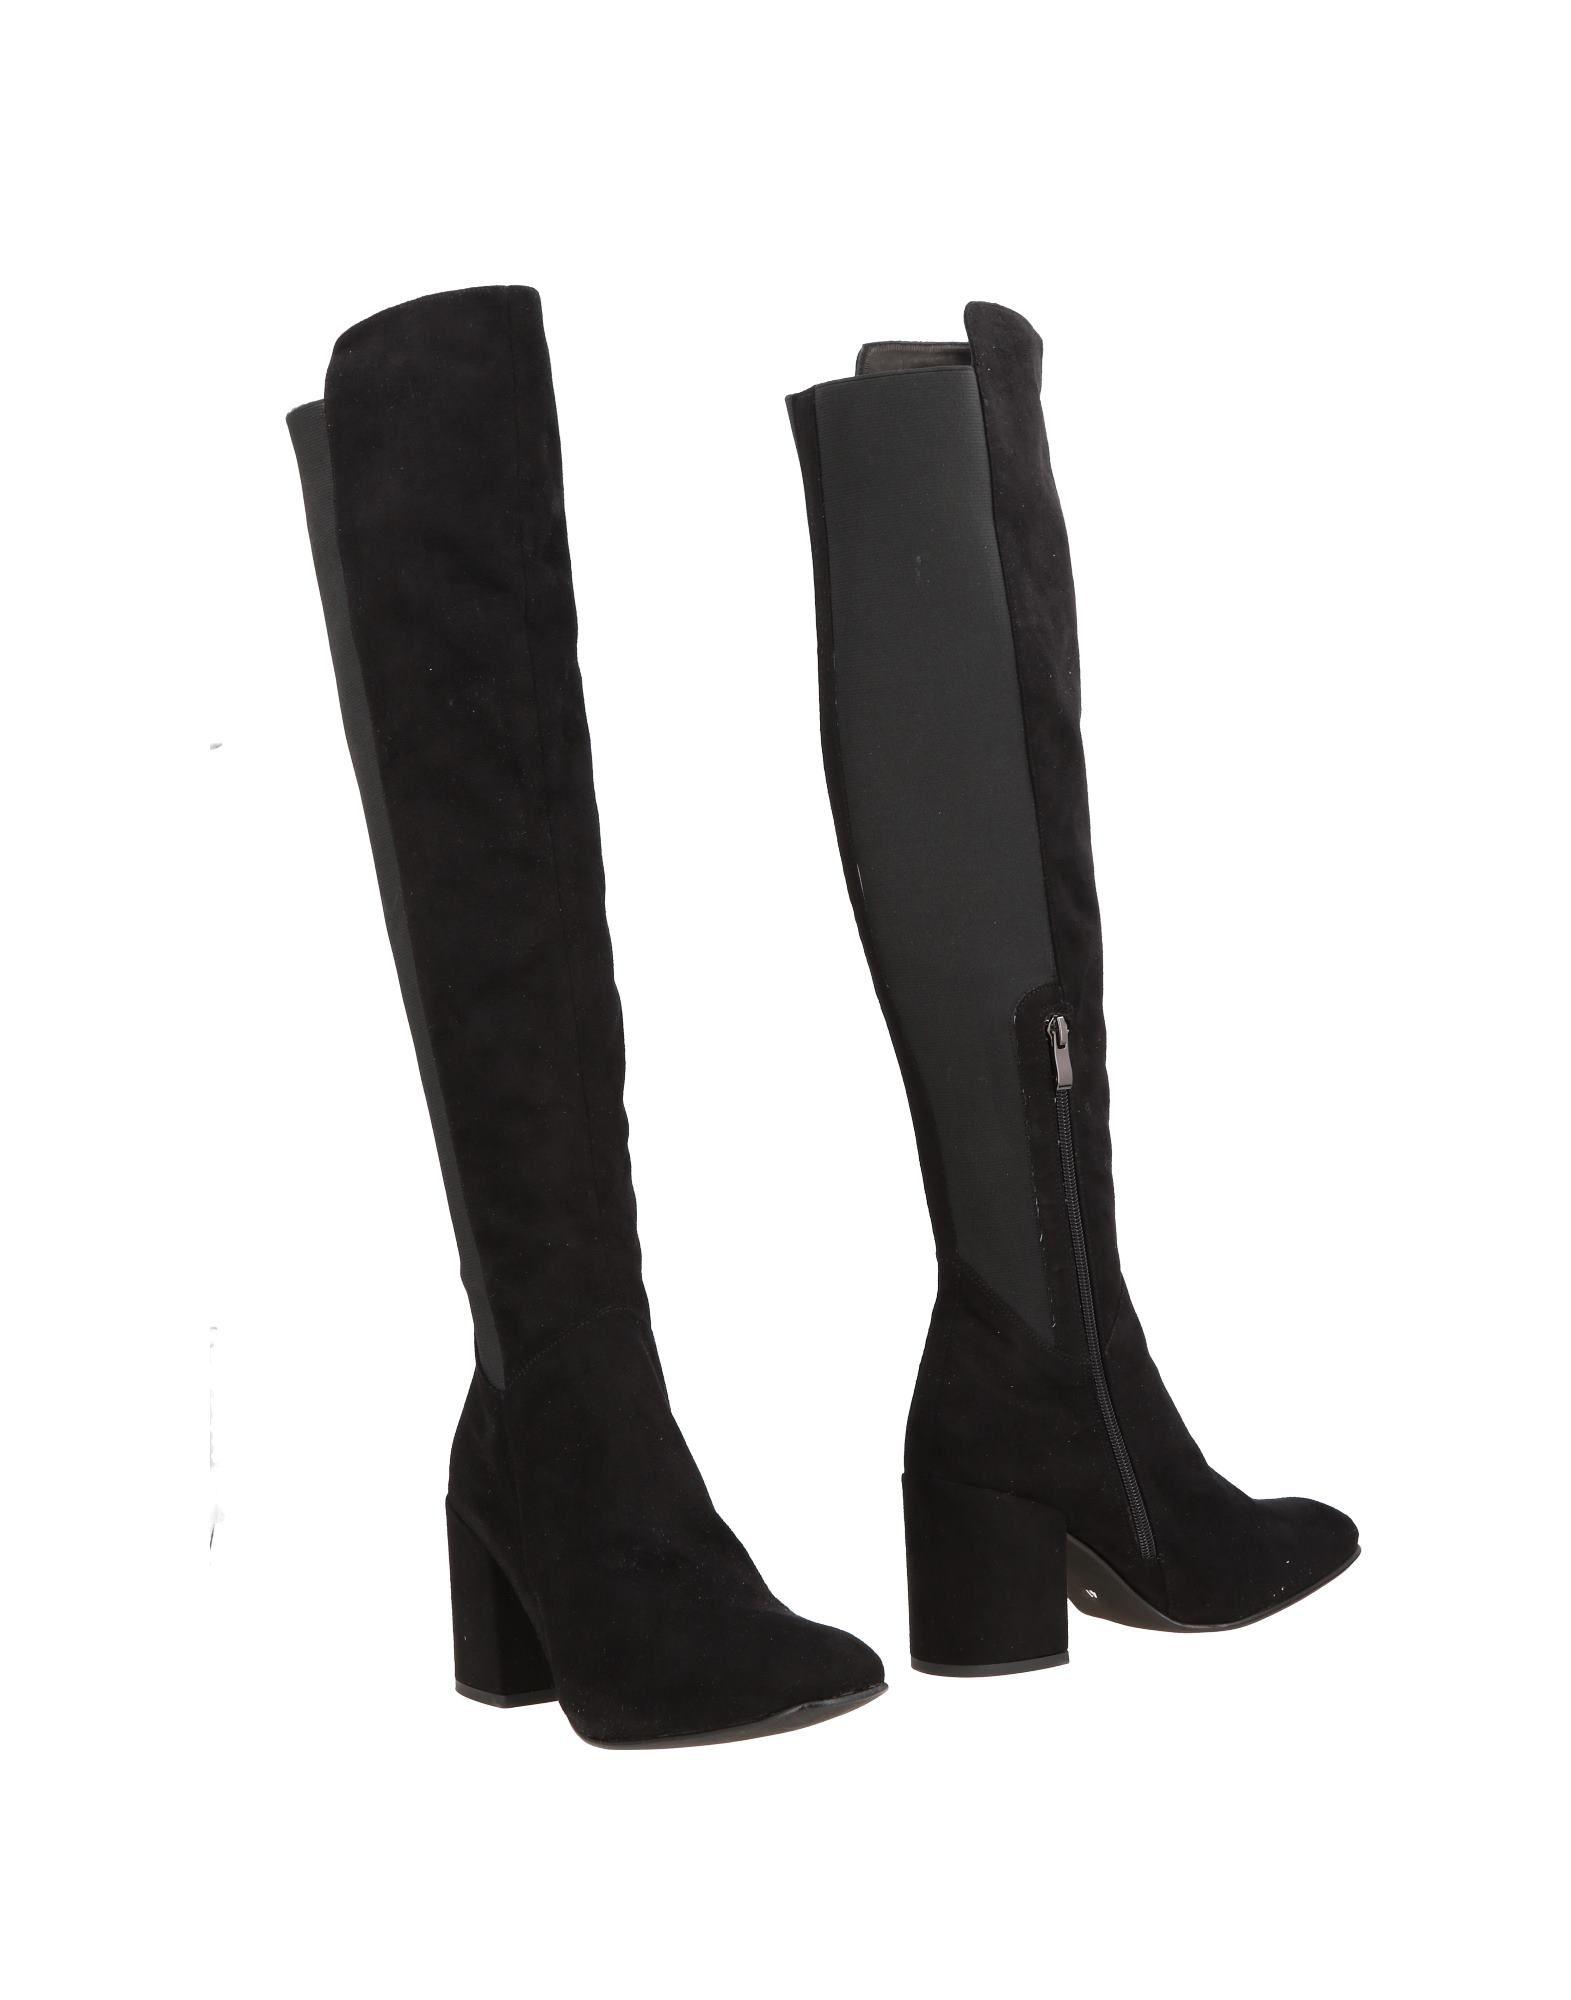 Emanuélle 11493393OR Vee Stiefel Damen  11493393OR Emanuélle Gute Qualität beliebte Schuhe dc7d8c